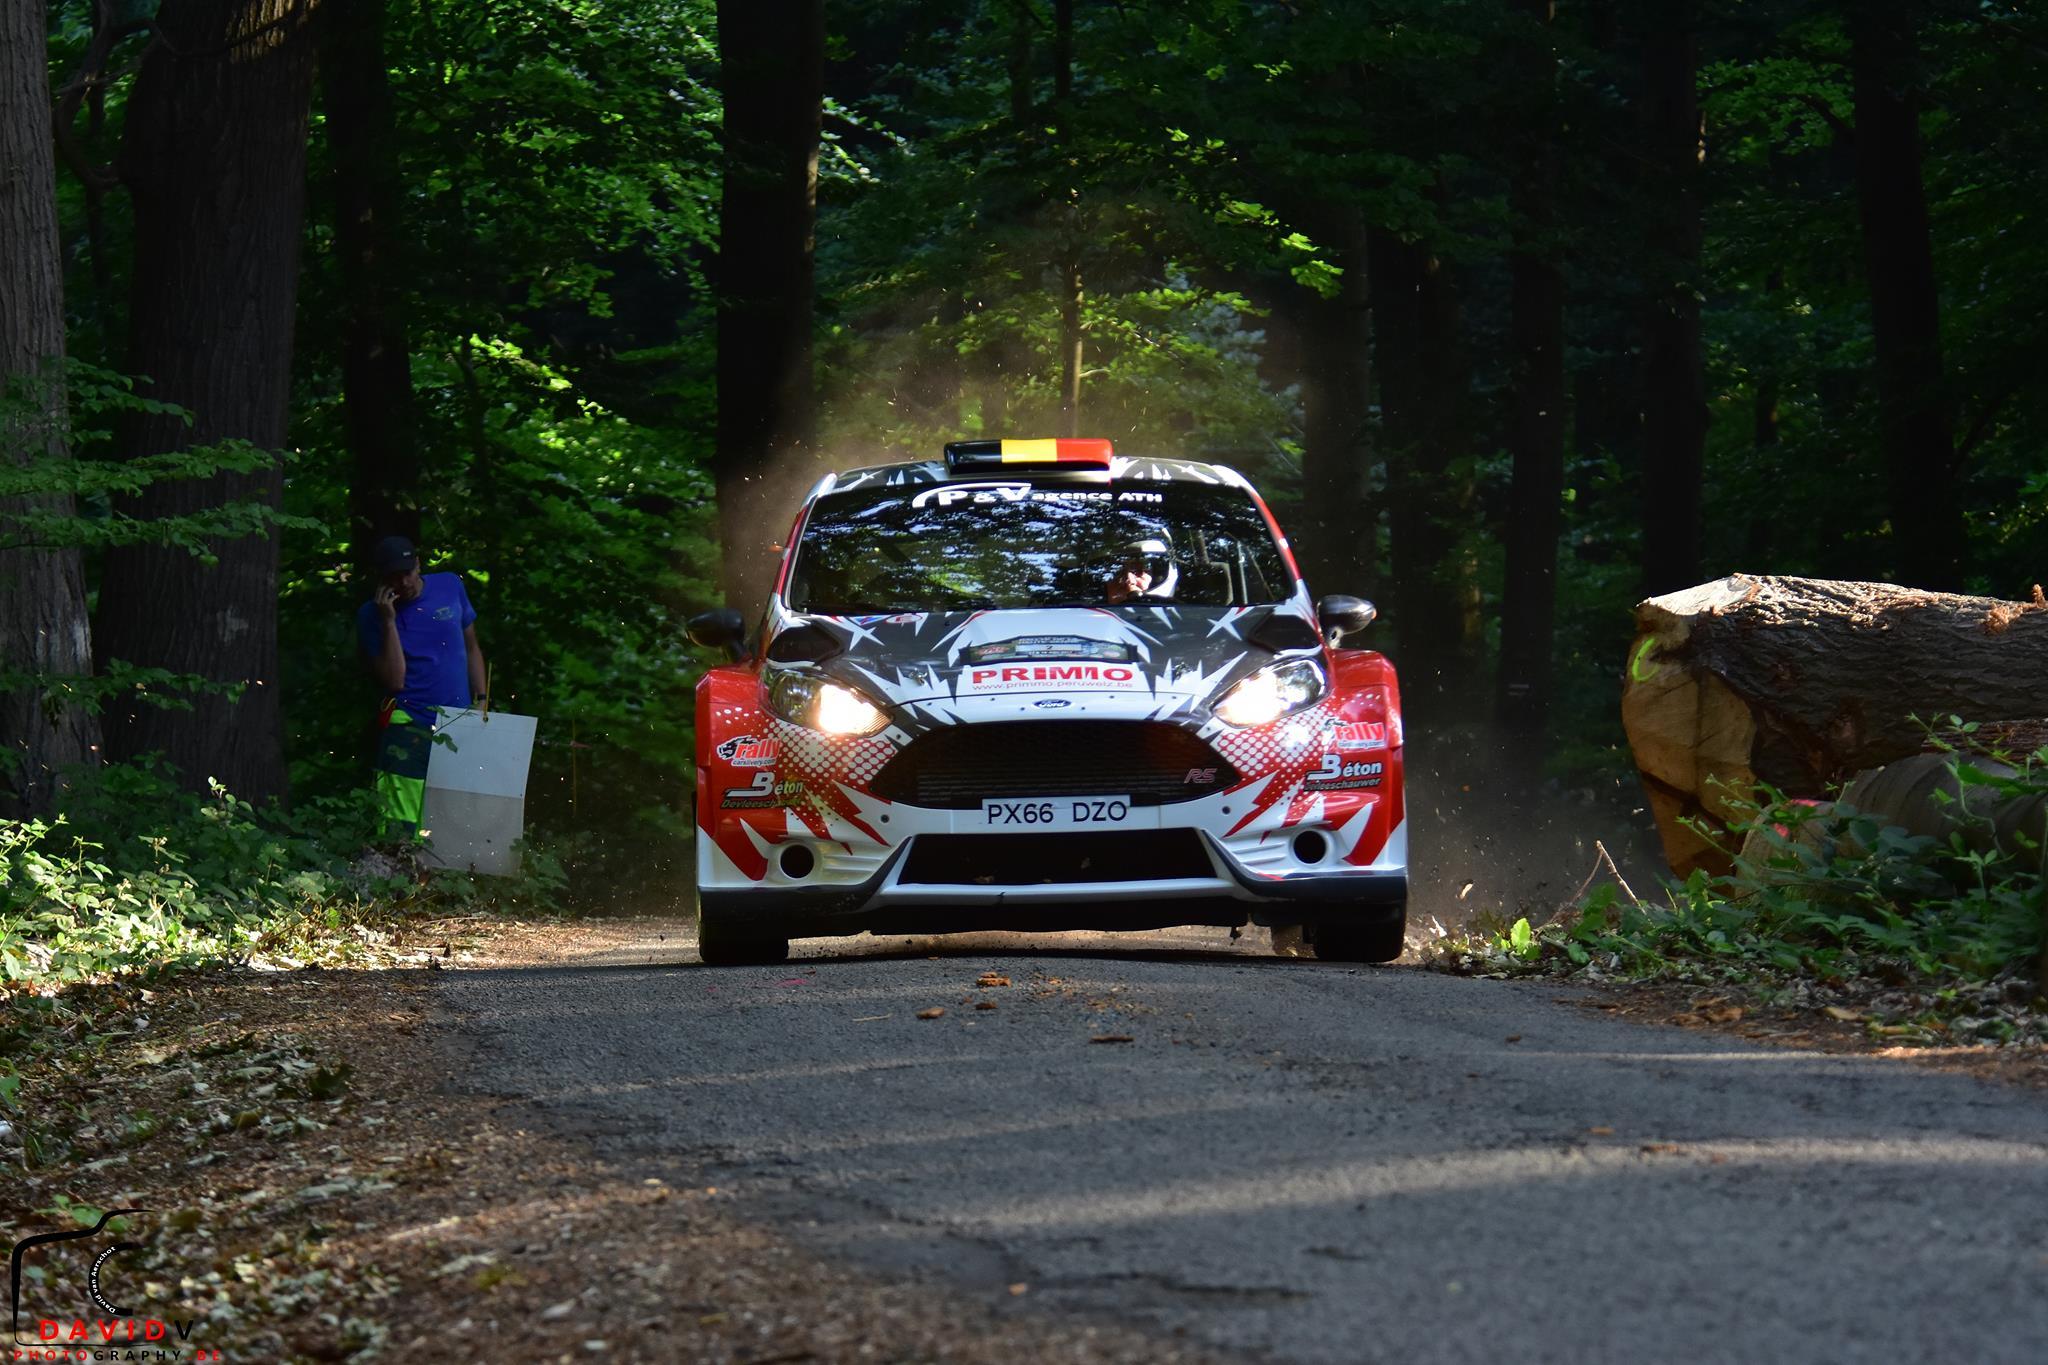 Devleeschauwer Rallye de la Haute-Senne 2017